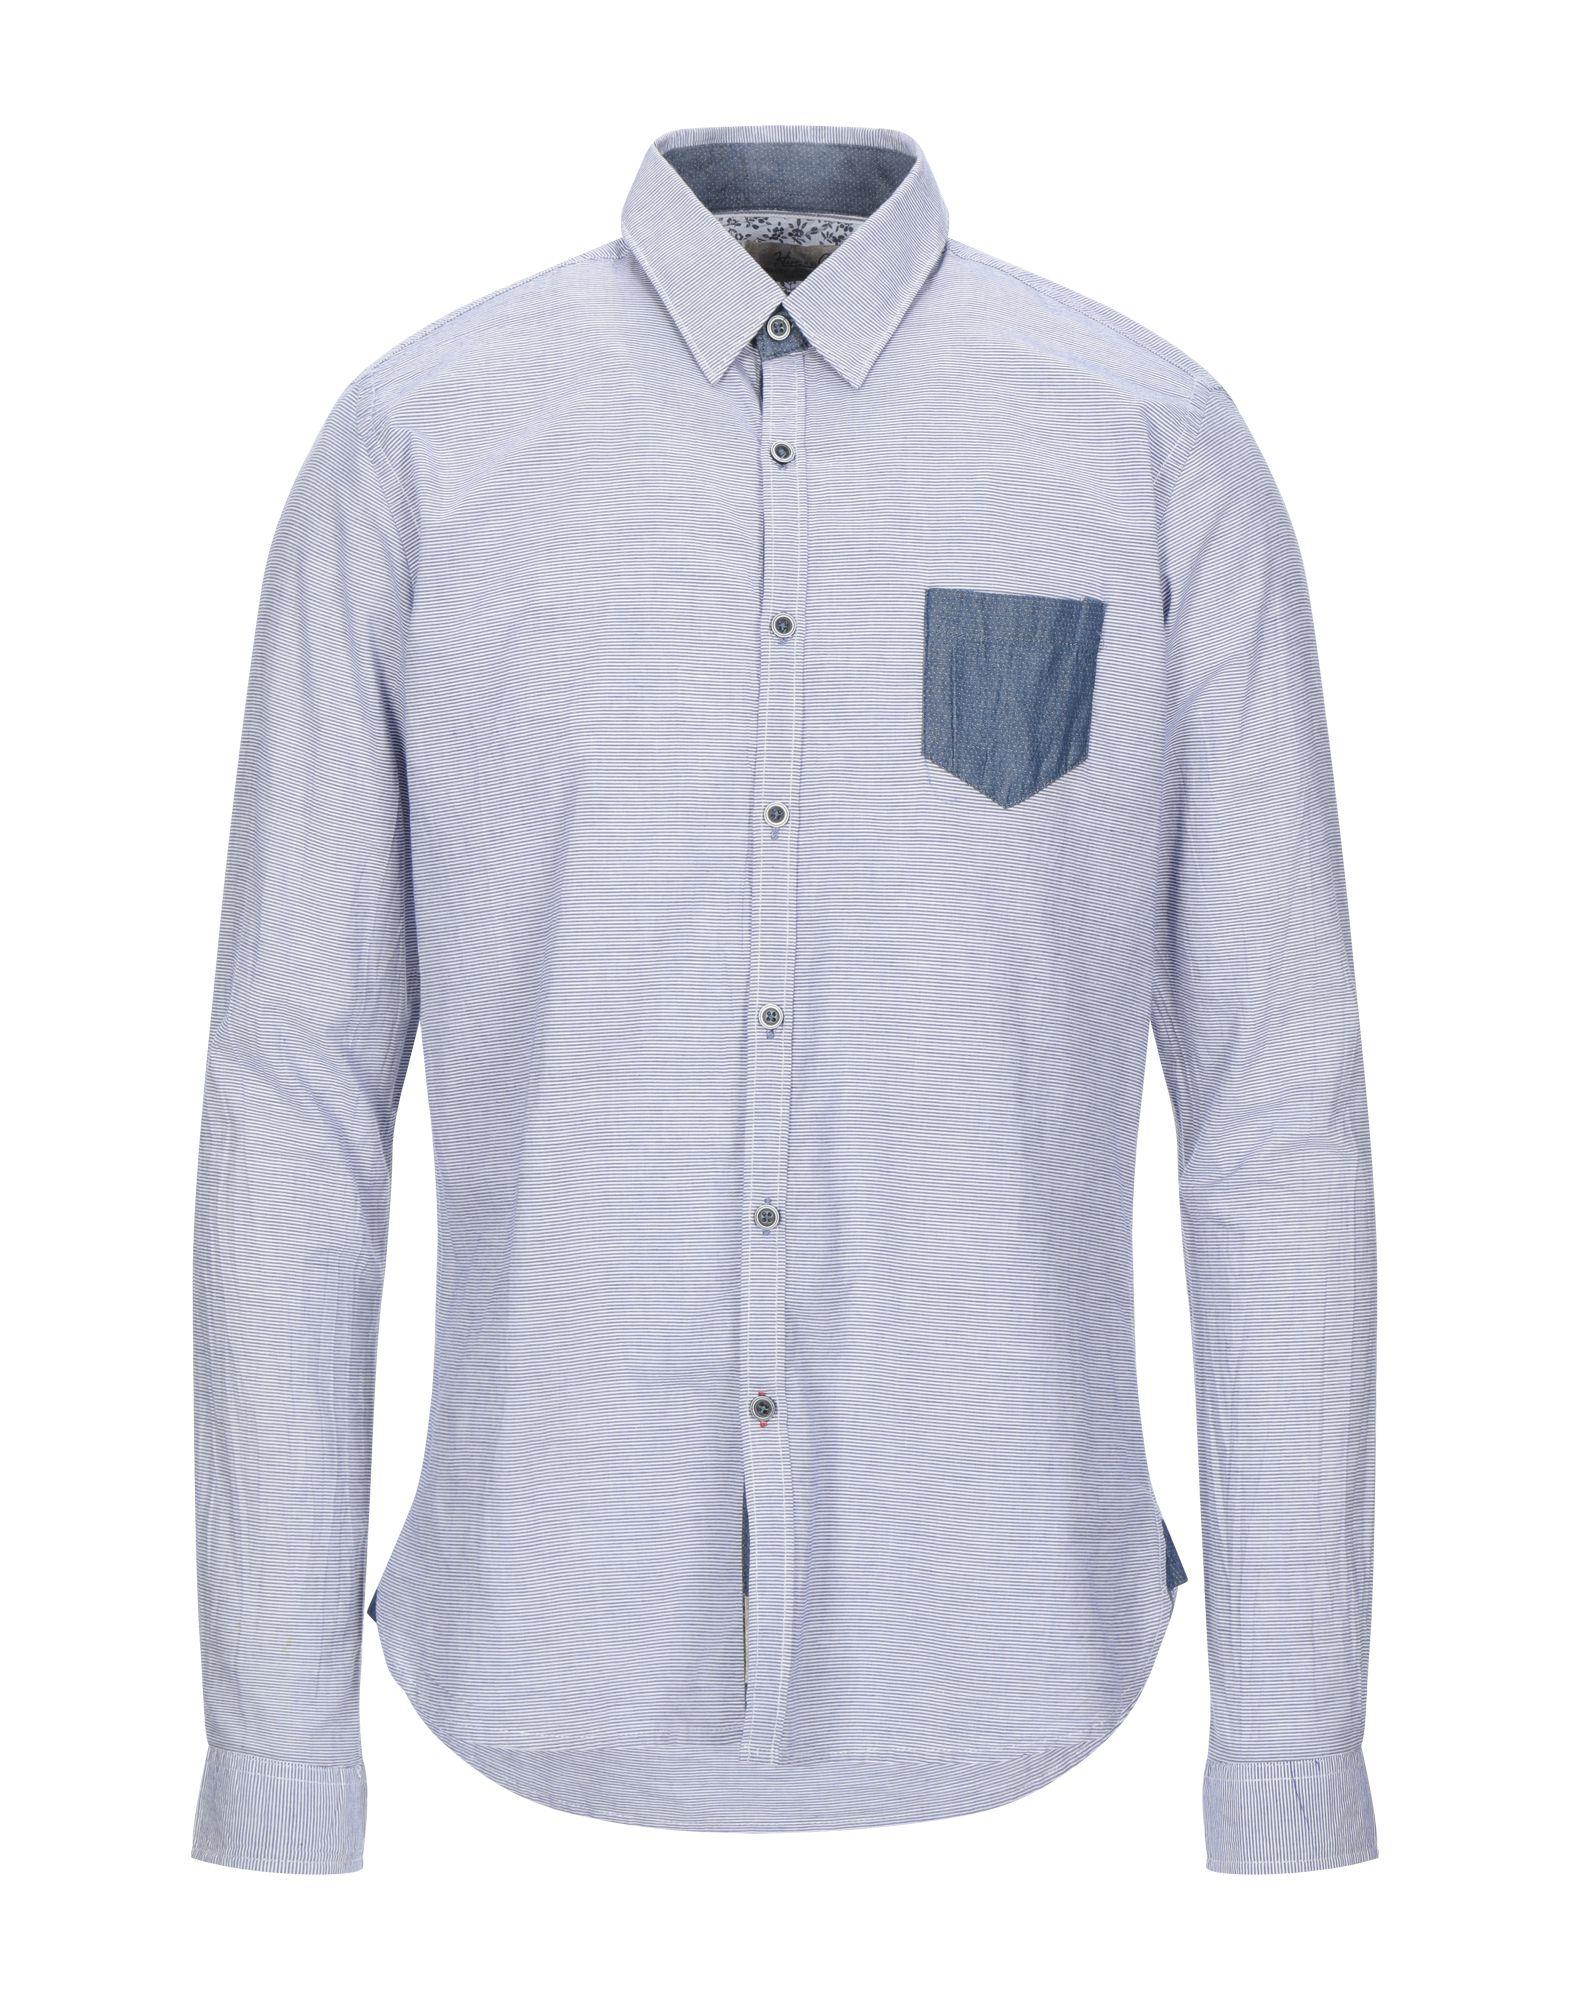 HAPPER Pубашка стоимость